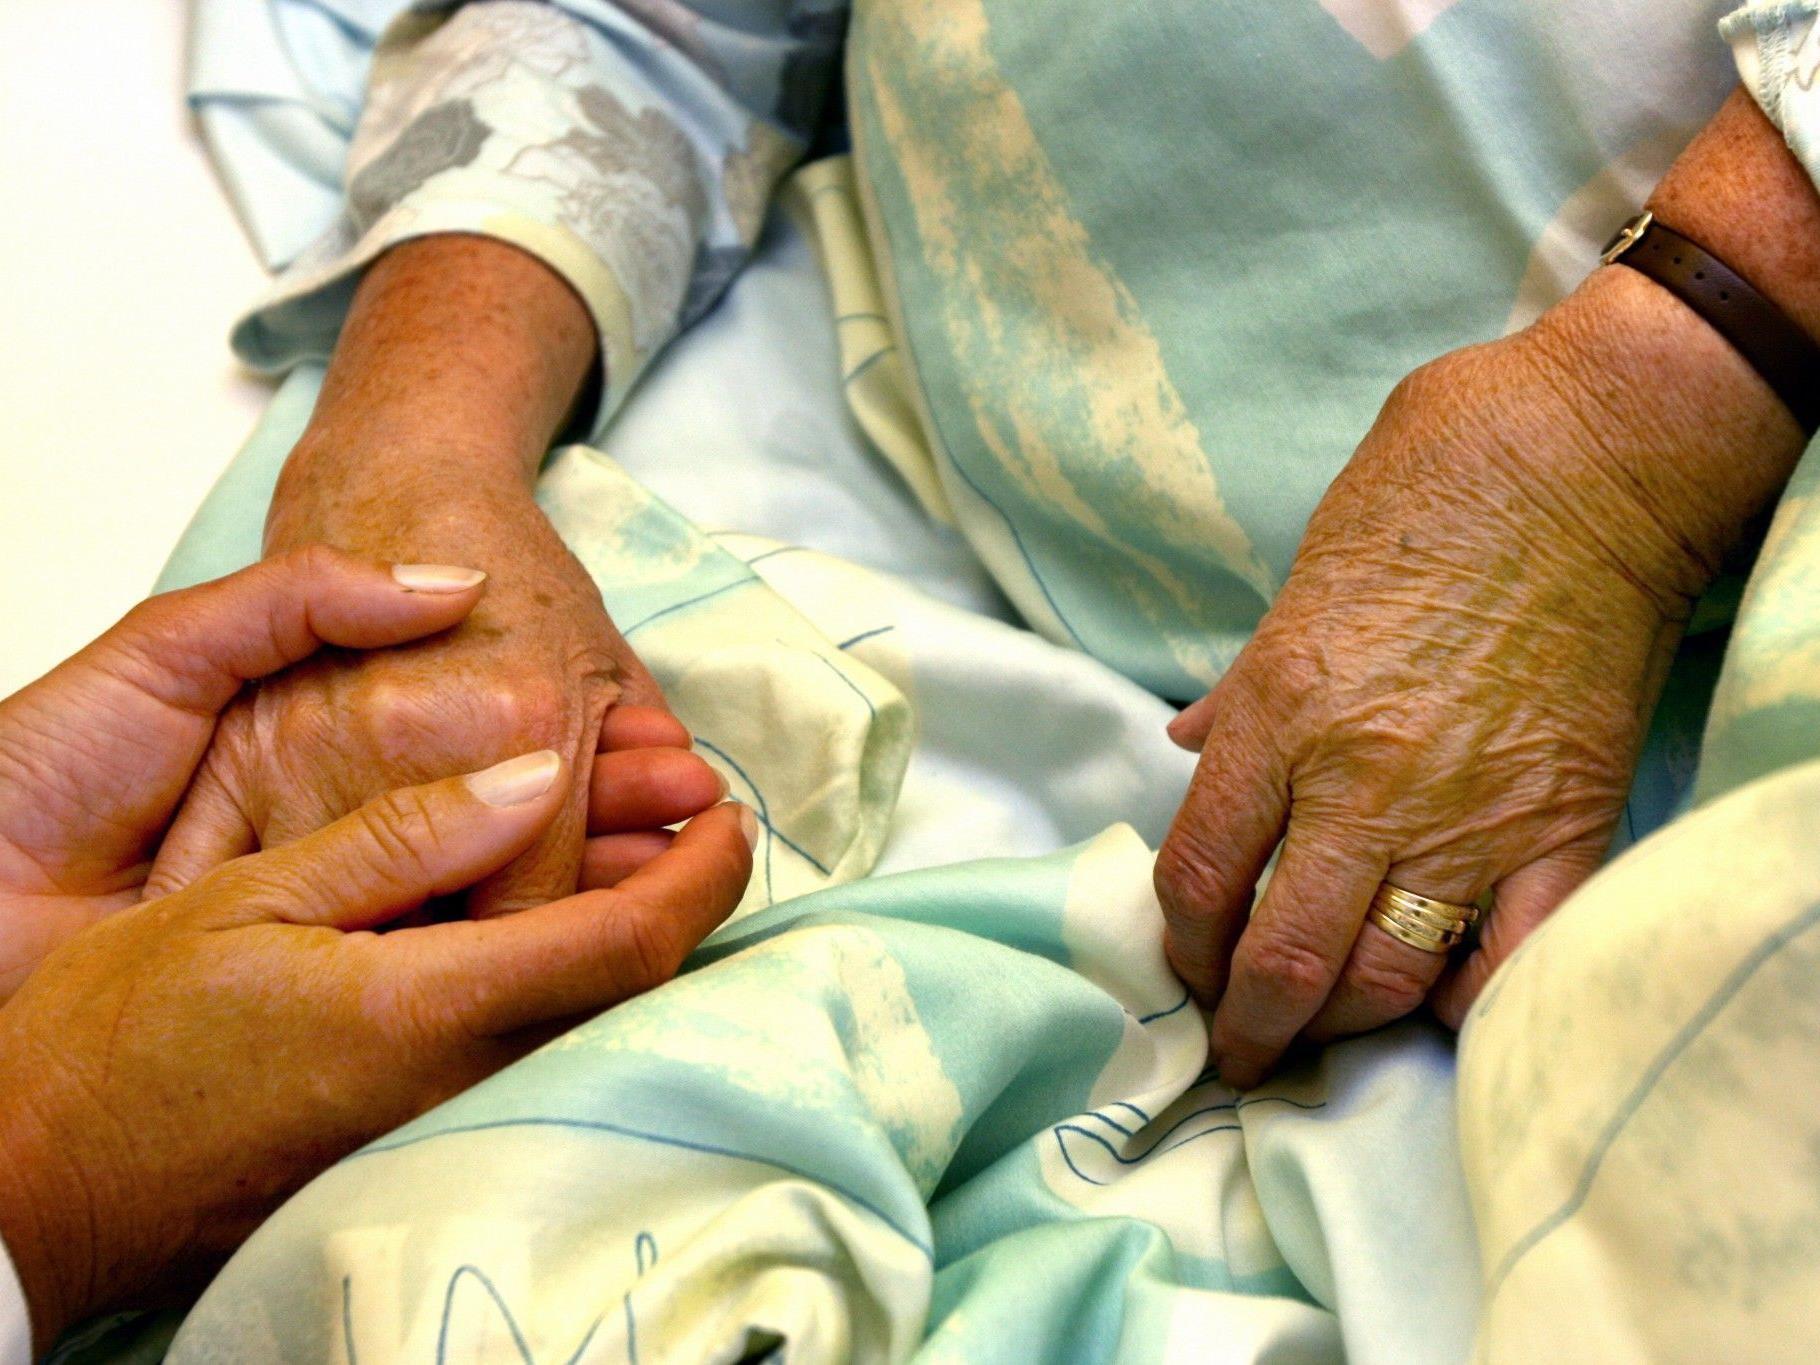 Ein letztes Daheim für schwerkranke Menschen, für die der Aufenthalt im Akutkrankenhaus, zu Hause oder im Pflegeheim keine Alternative mehr ist.